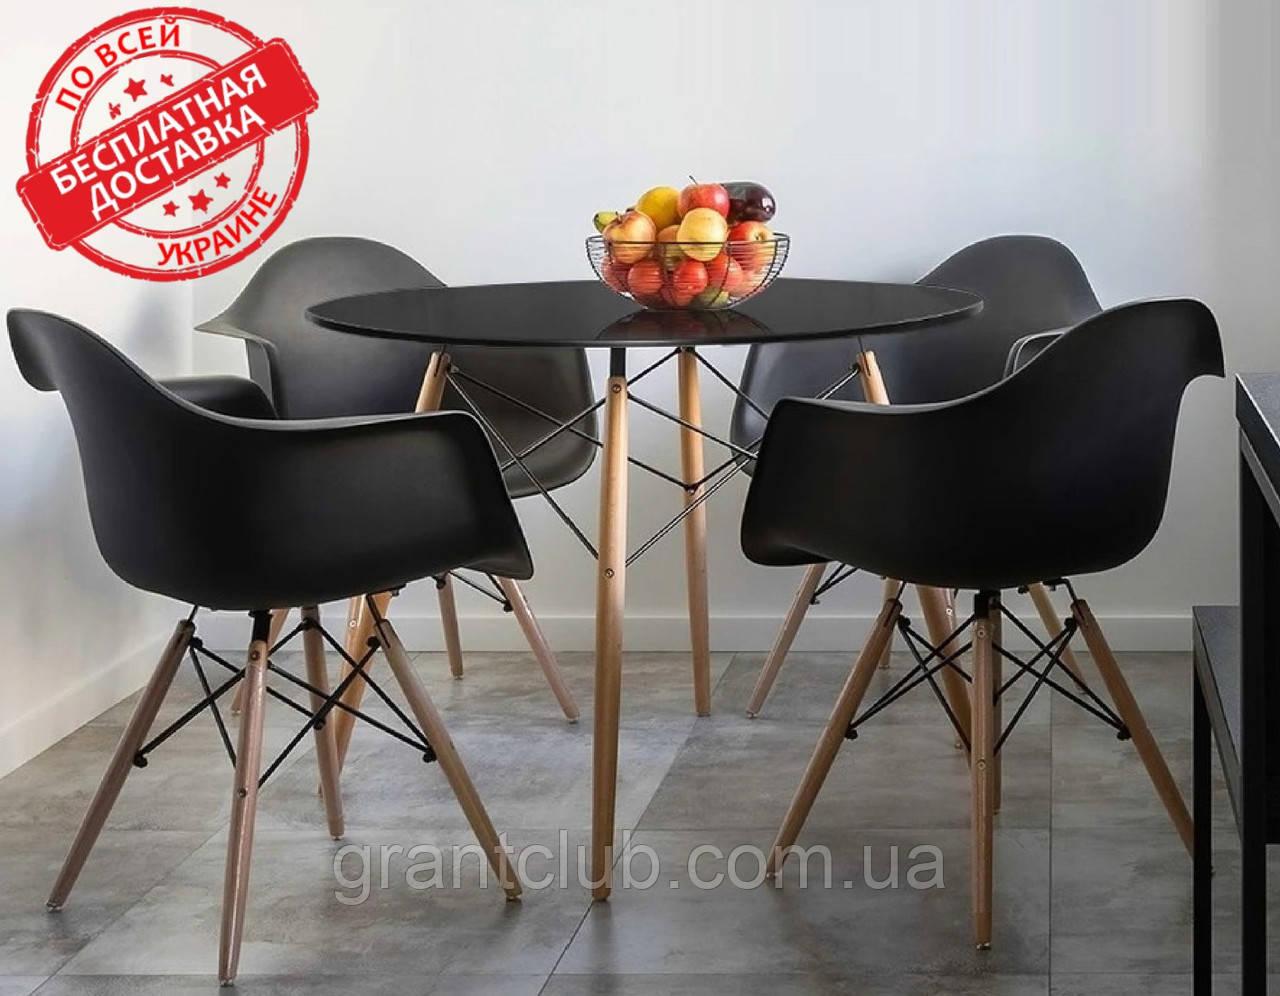 Стол обеденный Тауэр Вуд черный 100 см на буковых ножках круглый SDM Group (бесплатная доставка)